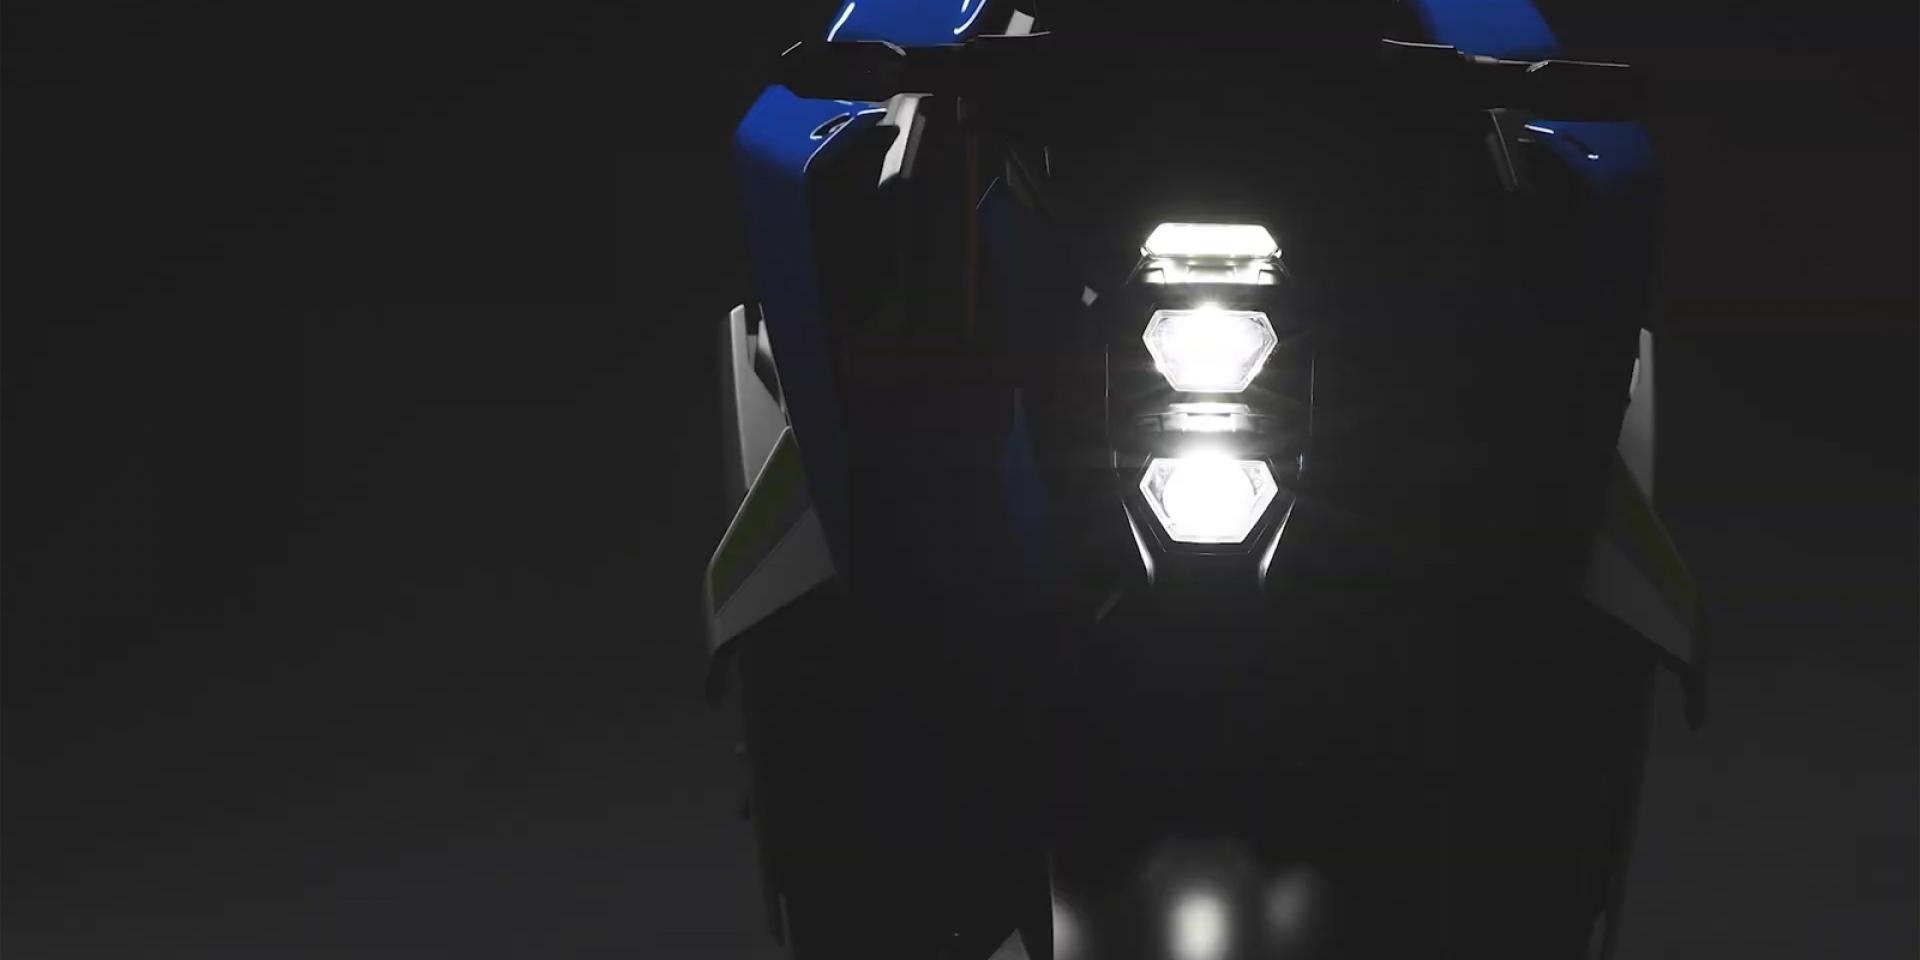 小翅膀、新大燈上身。SUZUKI GSX-S1000 大改款預告曝光,4月26日發表!